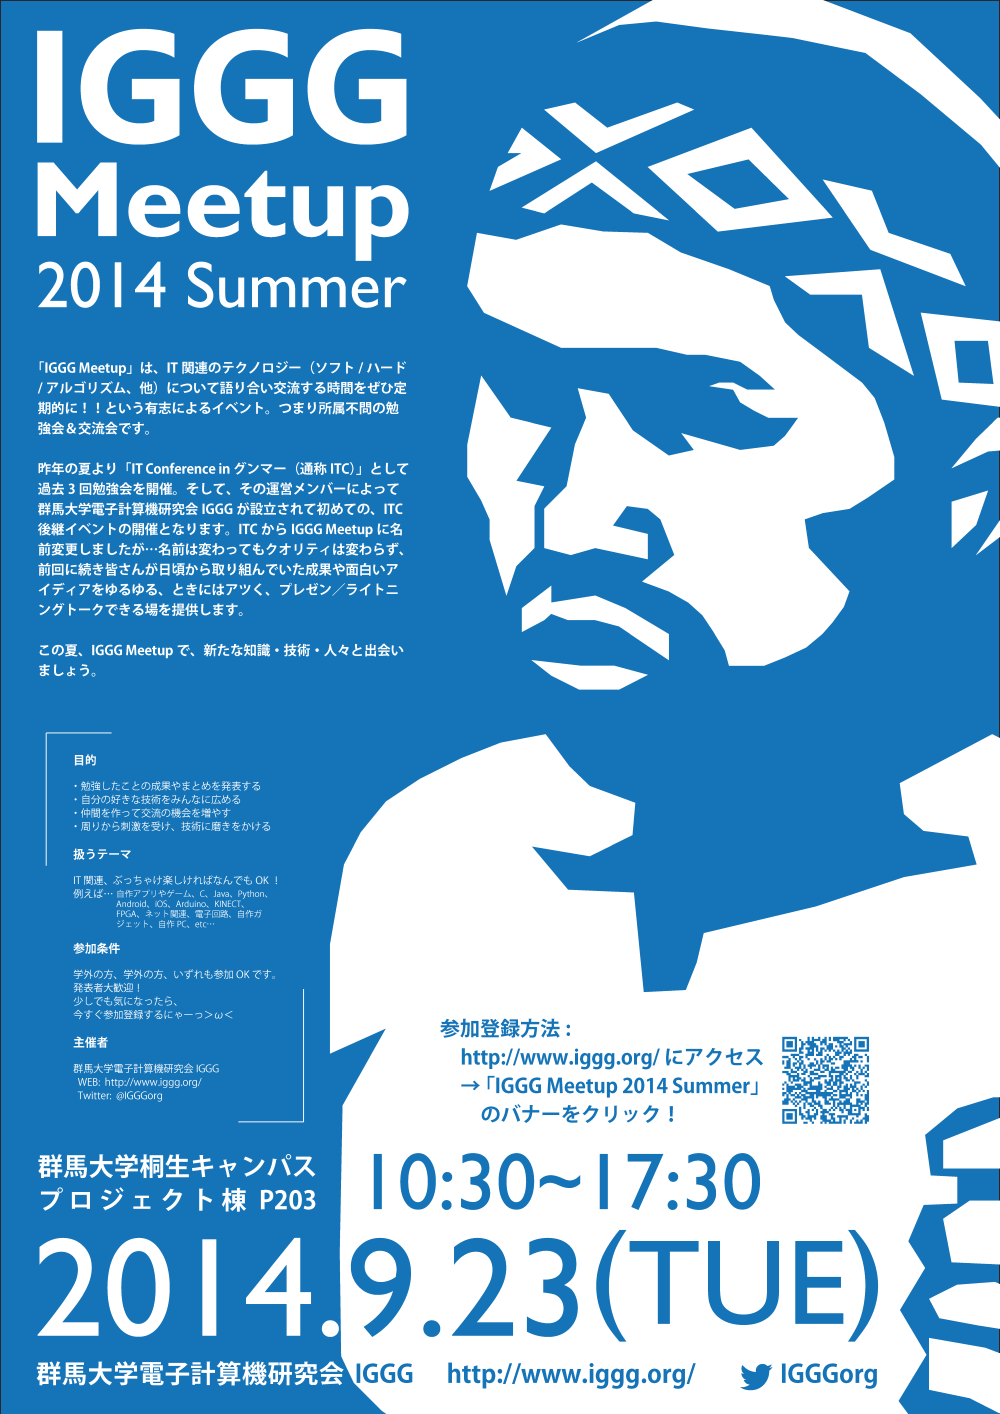 IGGG Meetup 2014 Summer